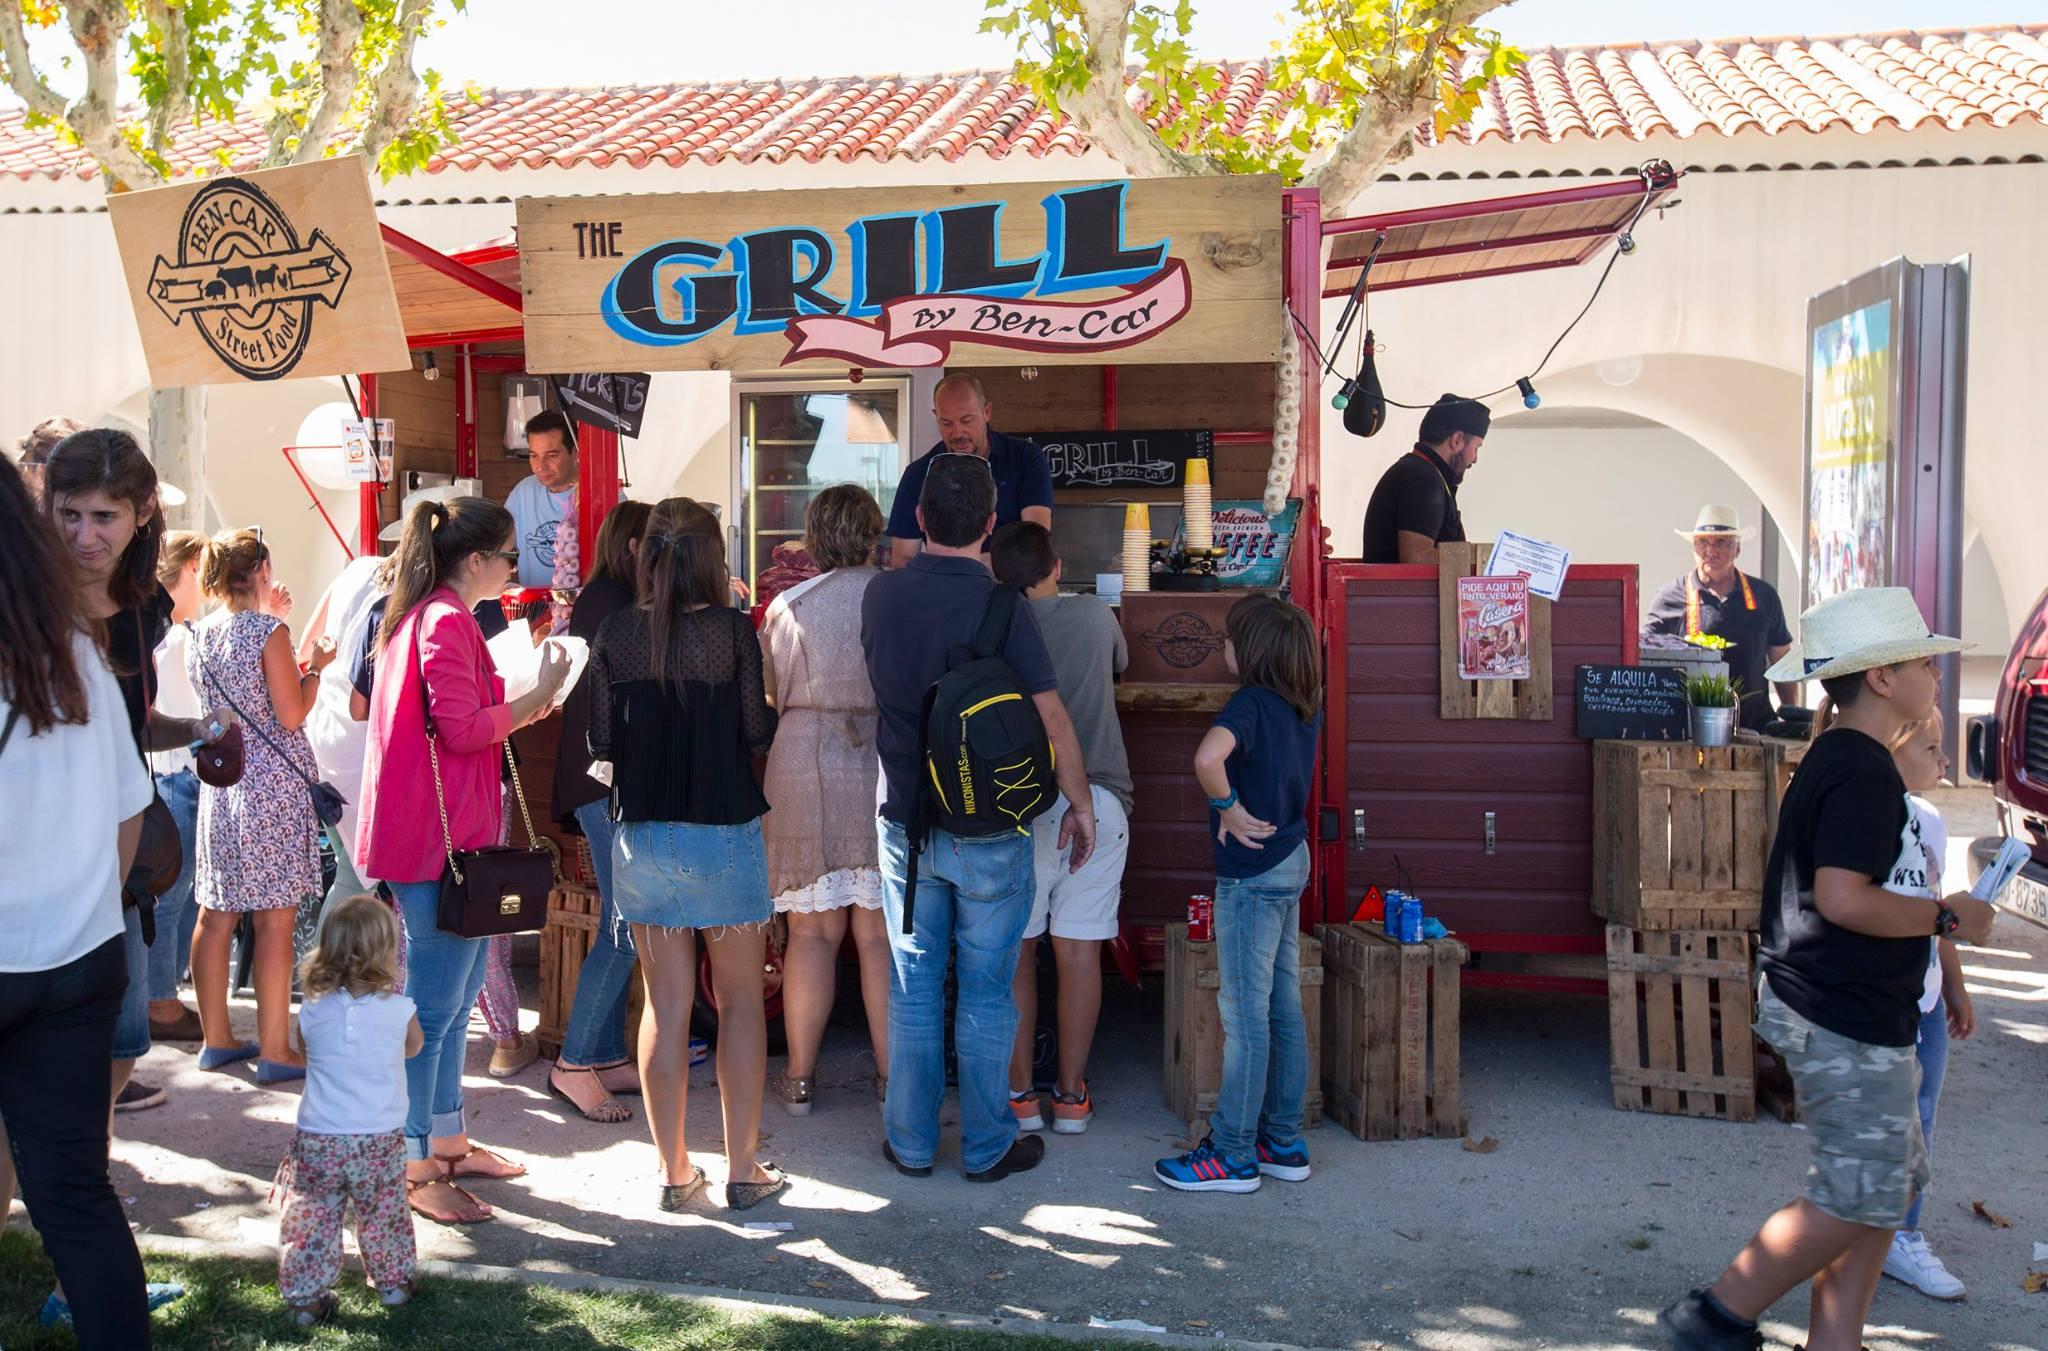 La hora de la comida también está prevista. Foto: Hipódromo de Madrid.